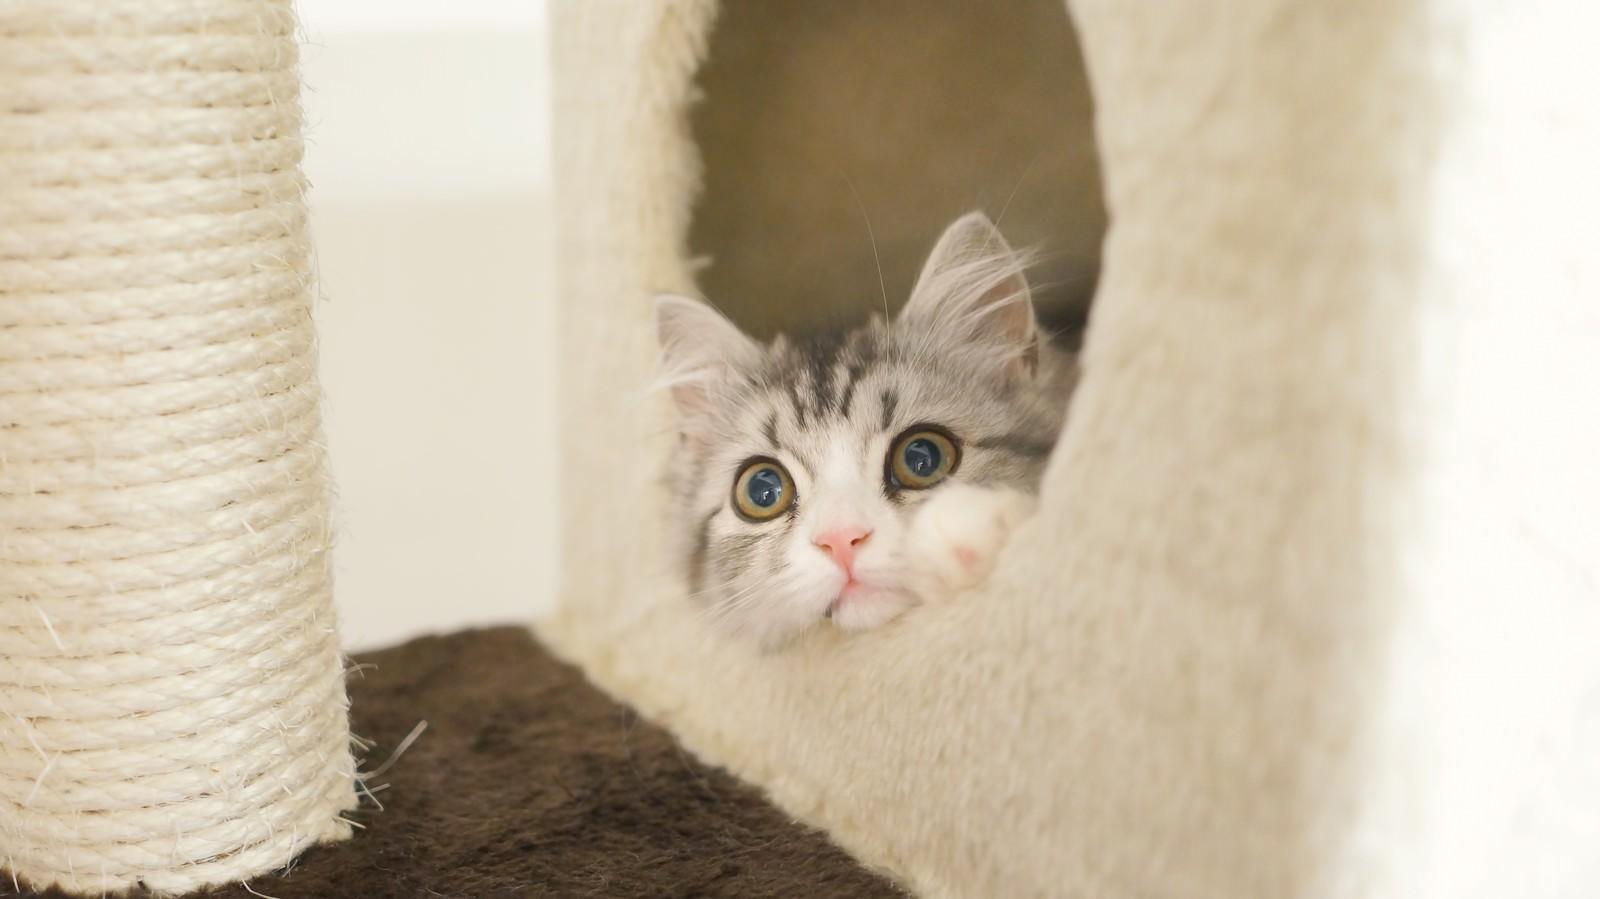 「猫タワーから顔を出す(スコティッシュフォールド)猫タワーから顔を出す(スコティッシュフォールド)」のフリー写真素材を拡大